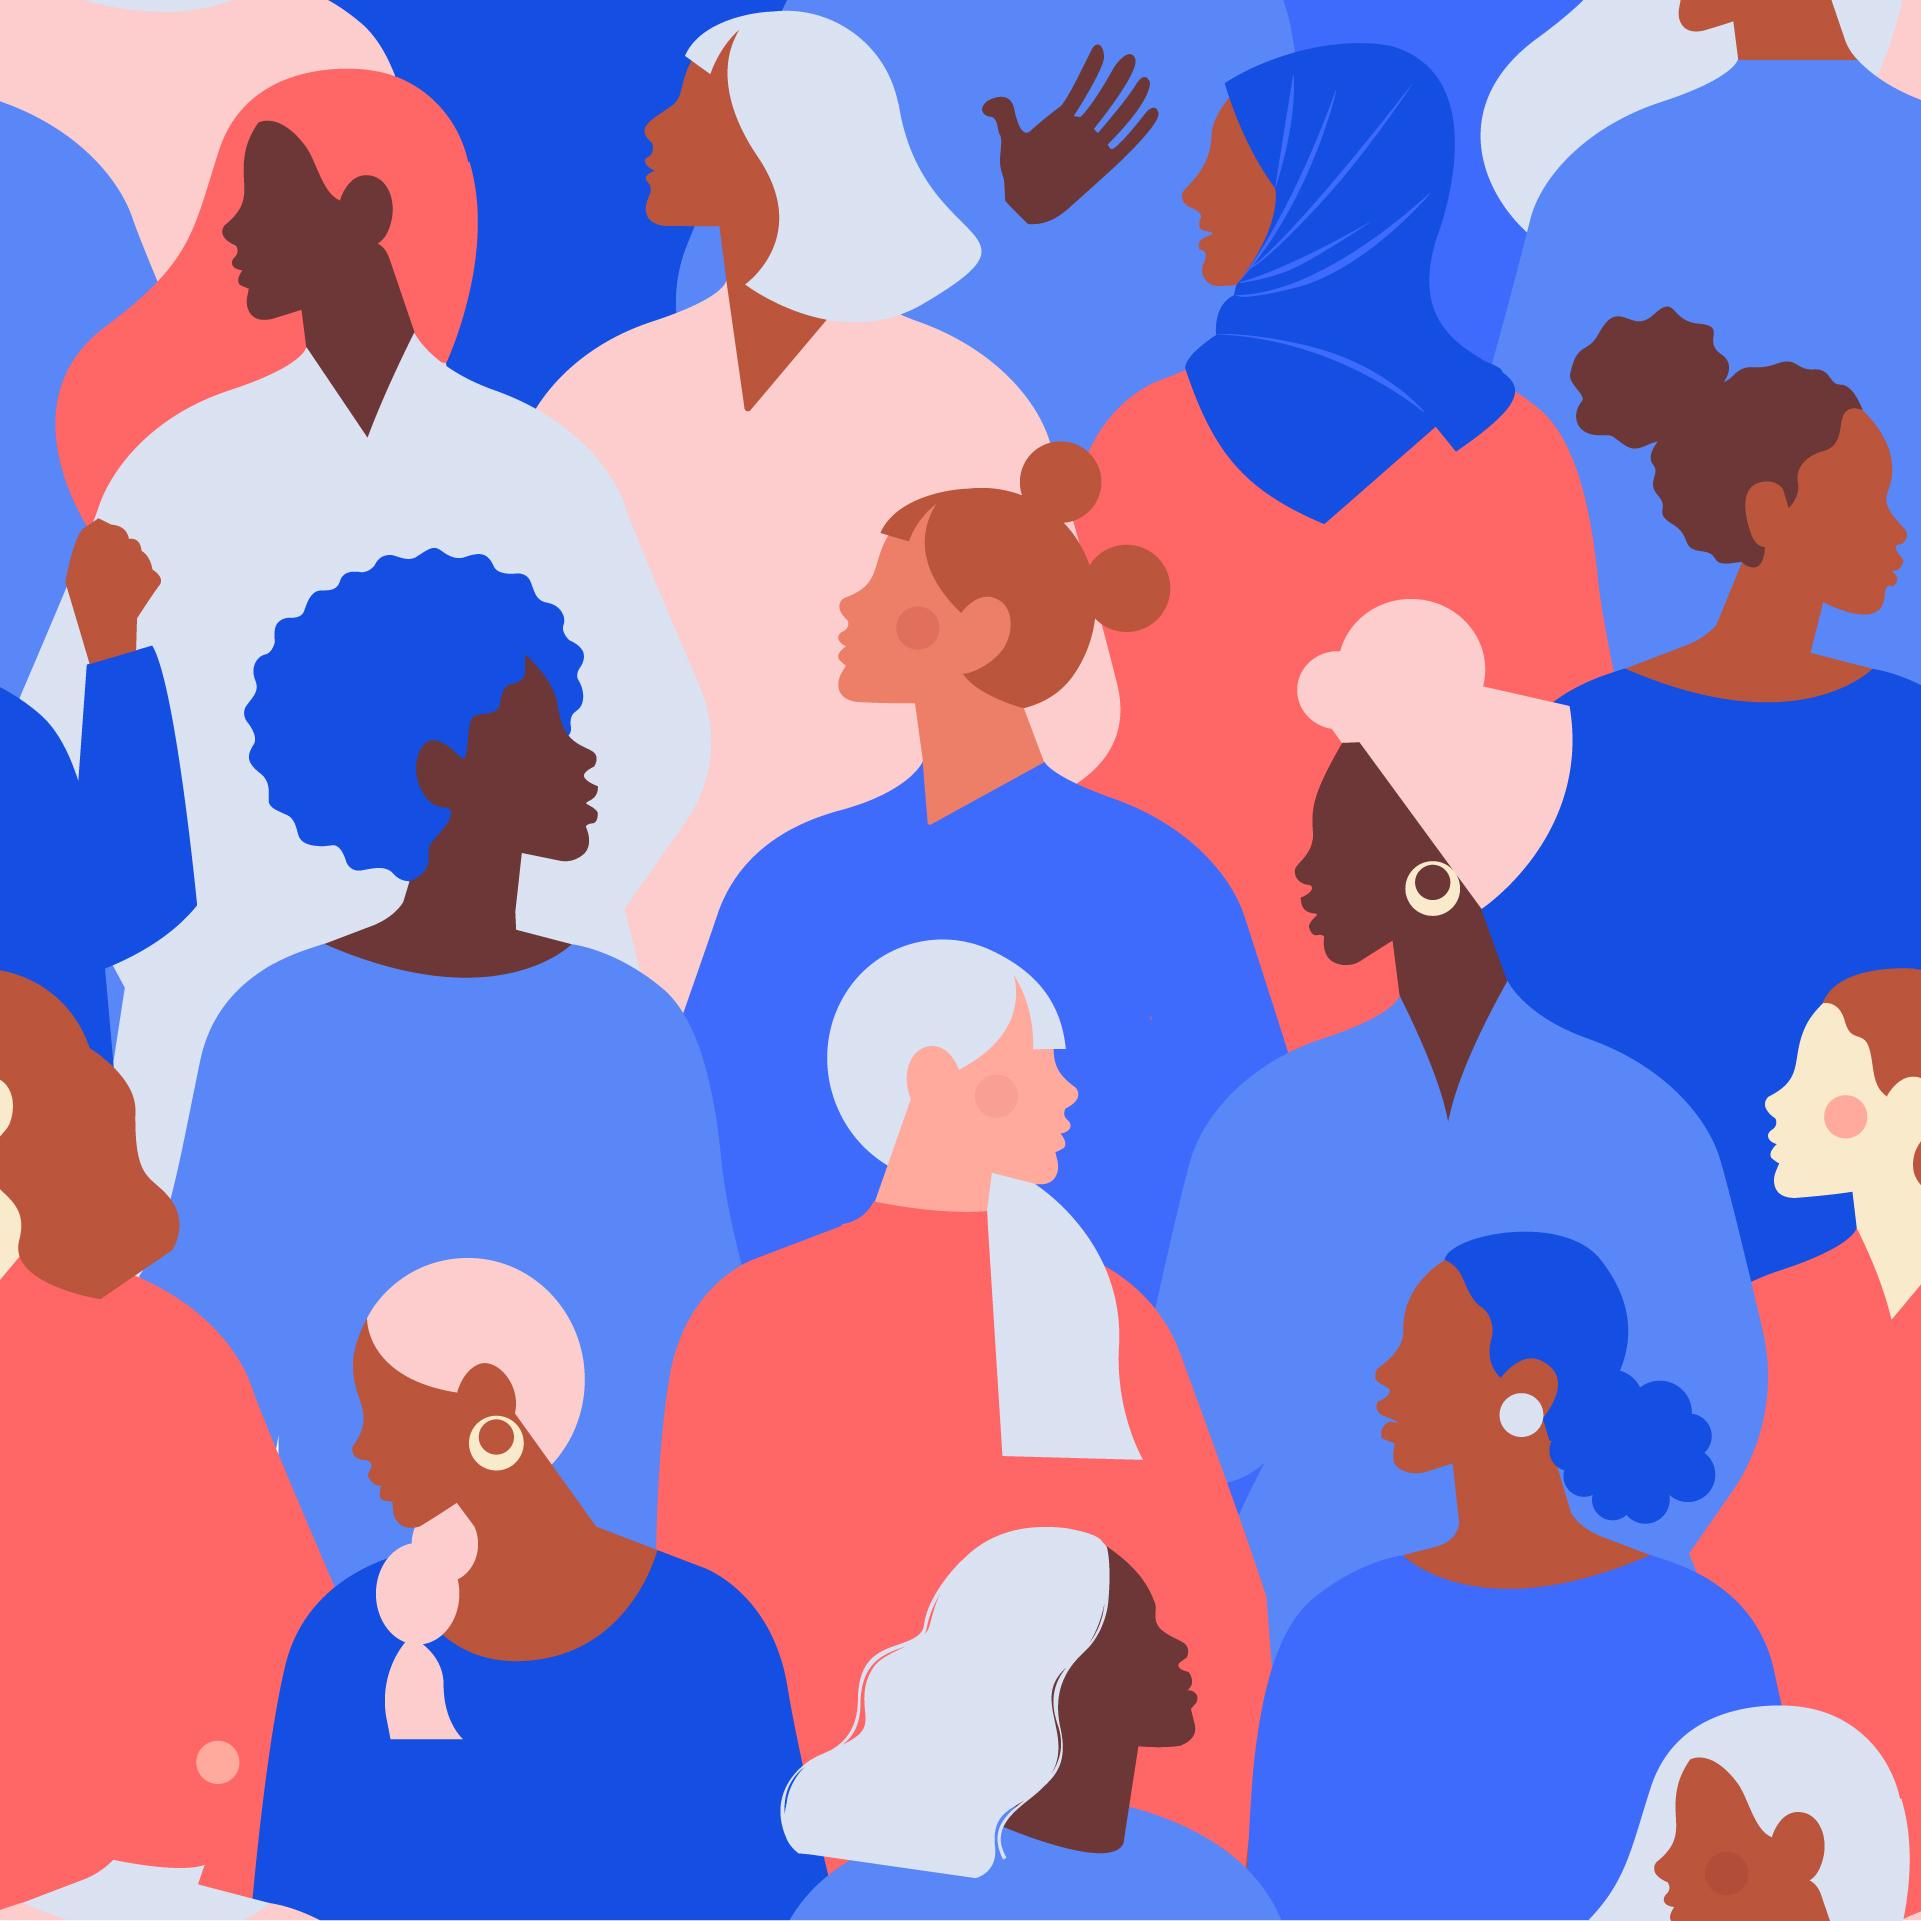 La inclusión financiera de las mujeres latinoamericanas